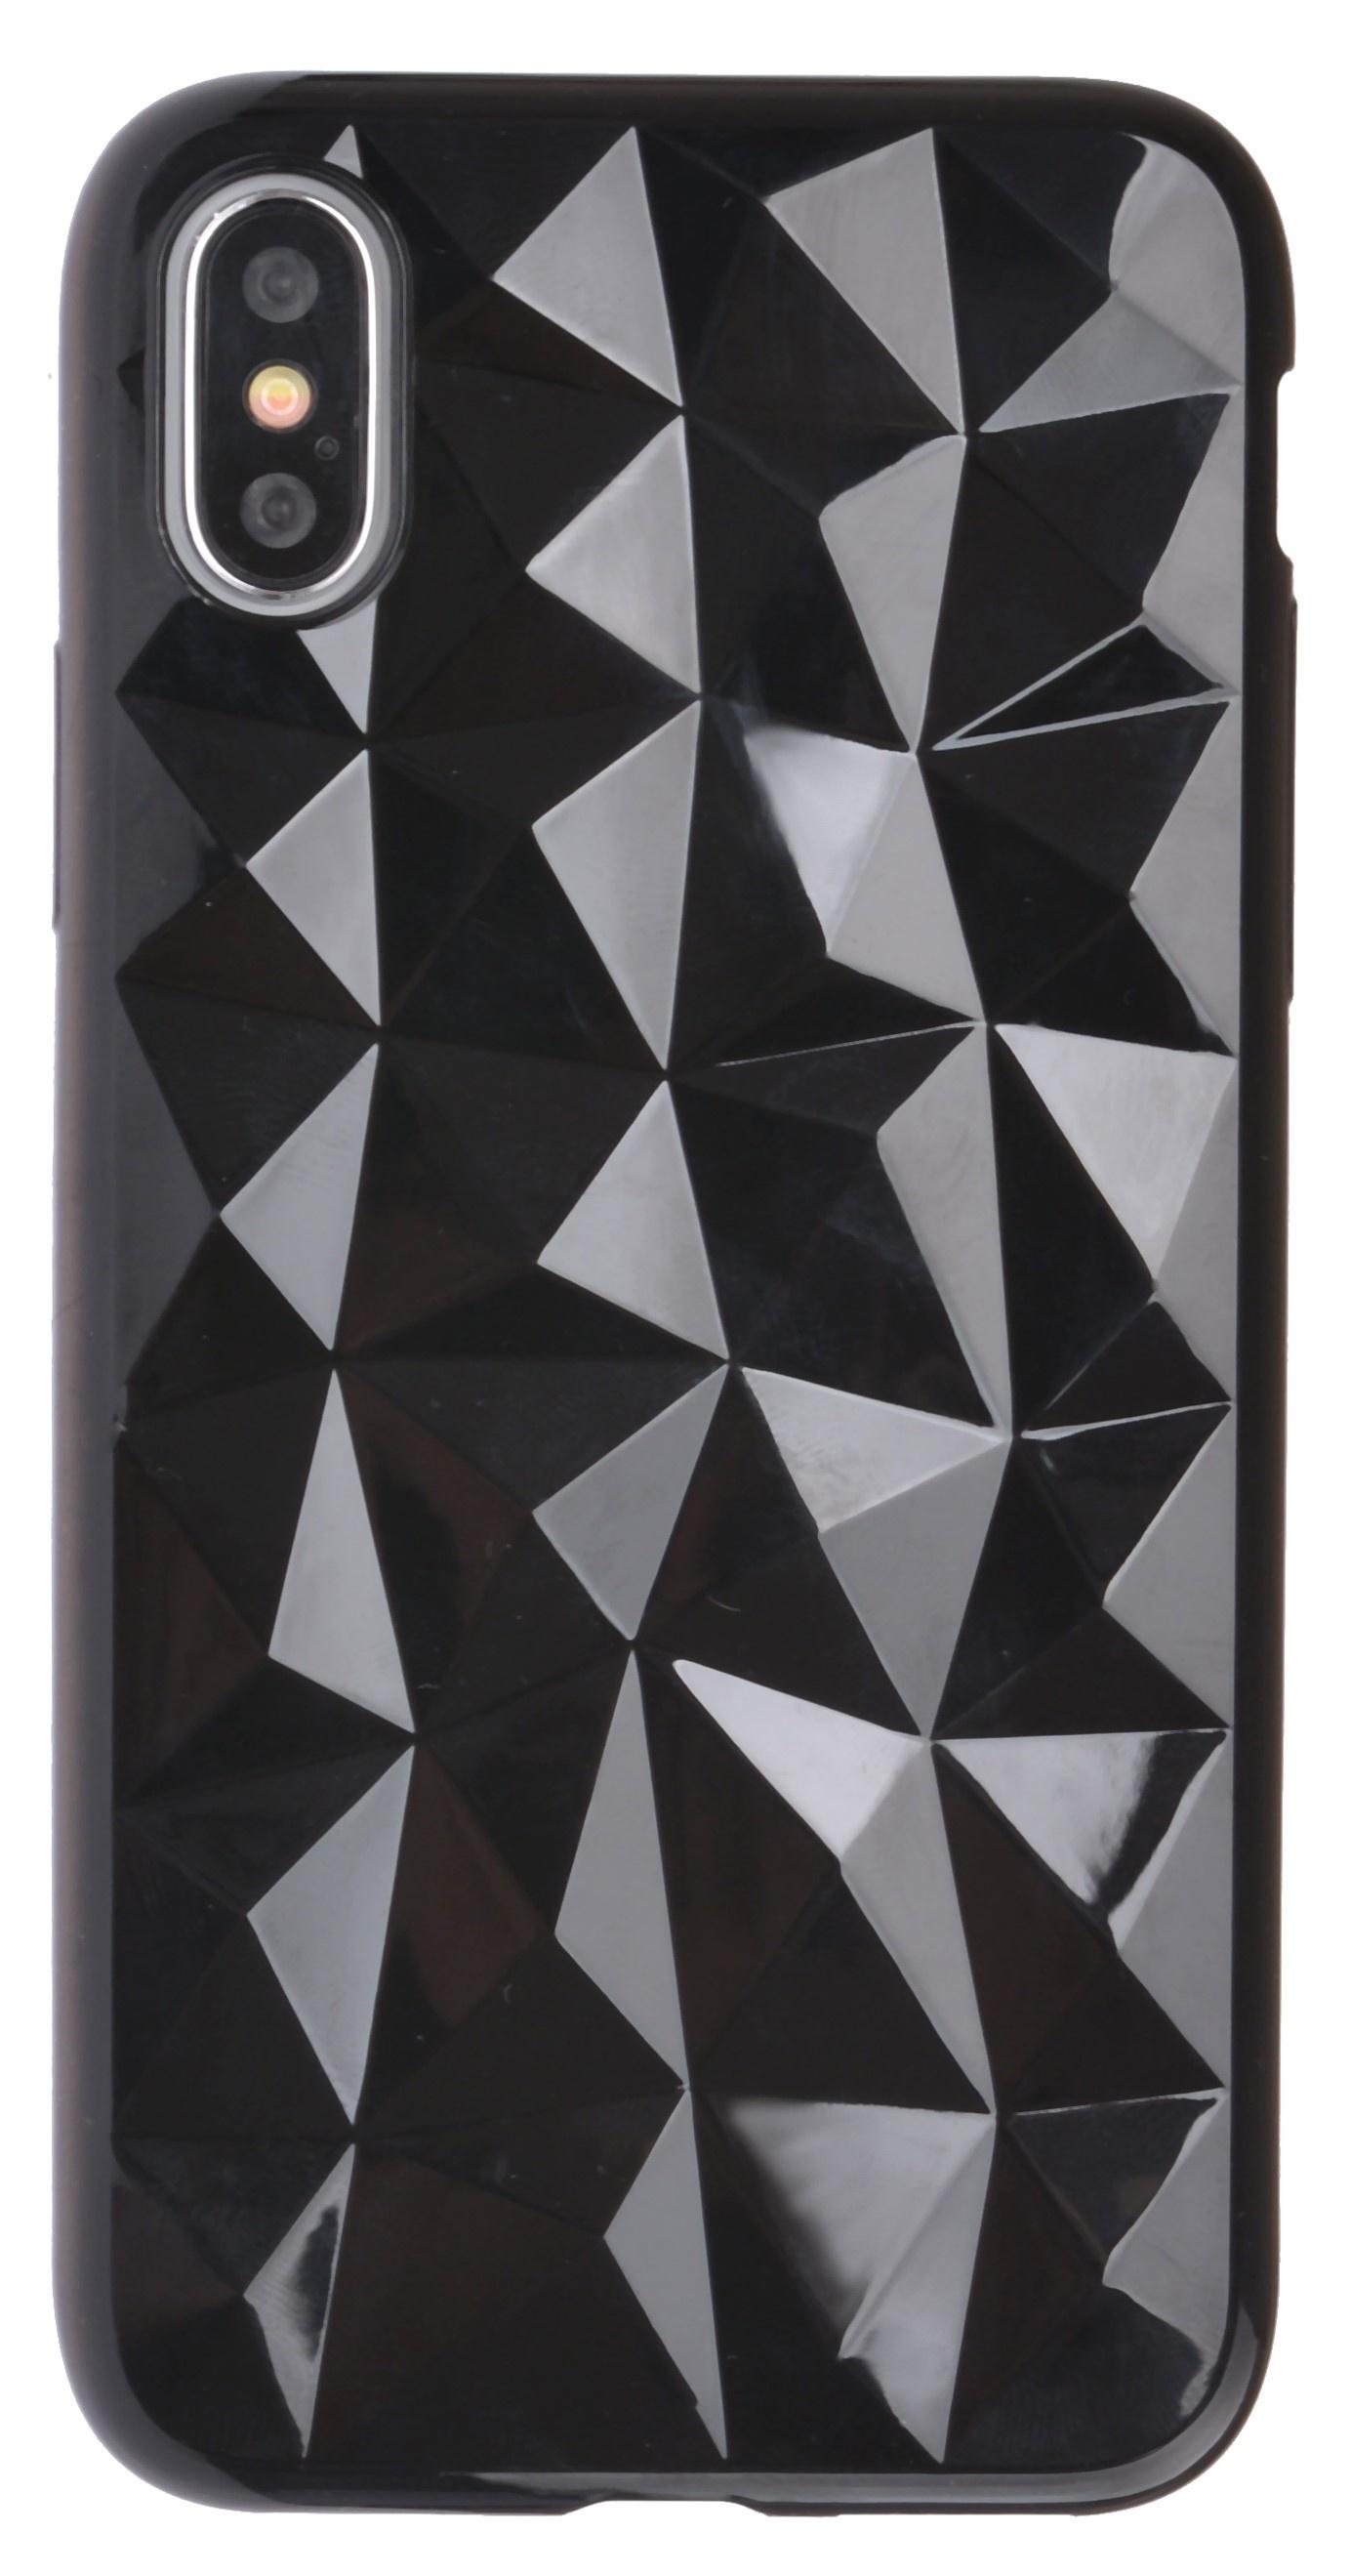 Чехол-накладка Skinbox Diamond для Apple iPhone X, 4630042521001, черный аксессуар чехол для apple iphone x eva silicone black ip8a001b x